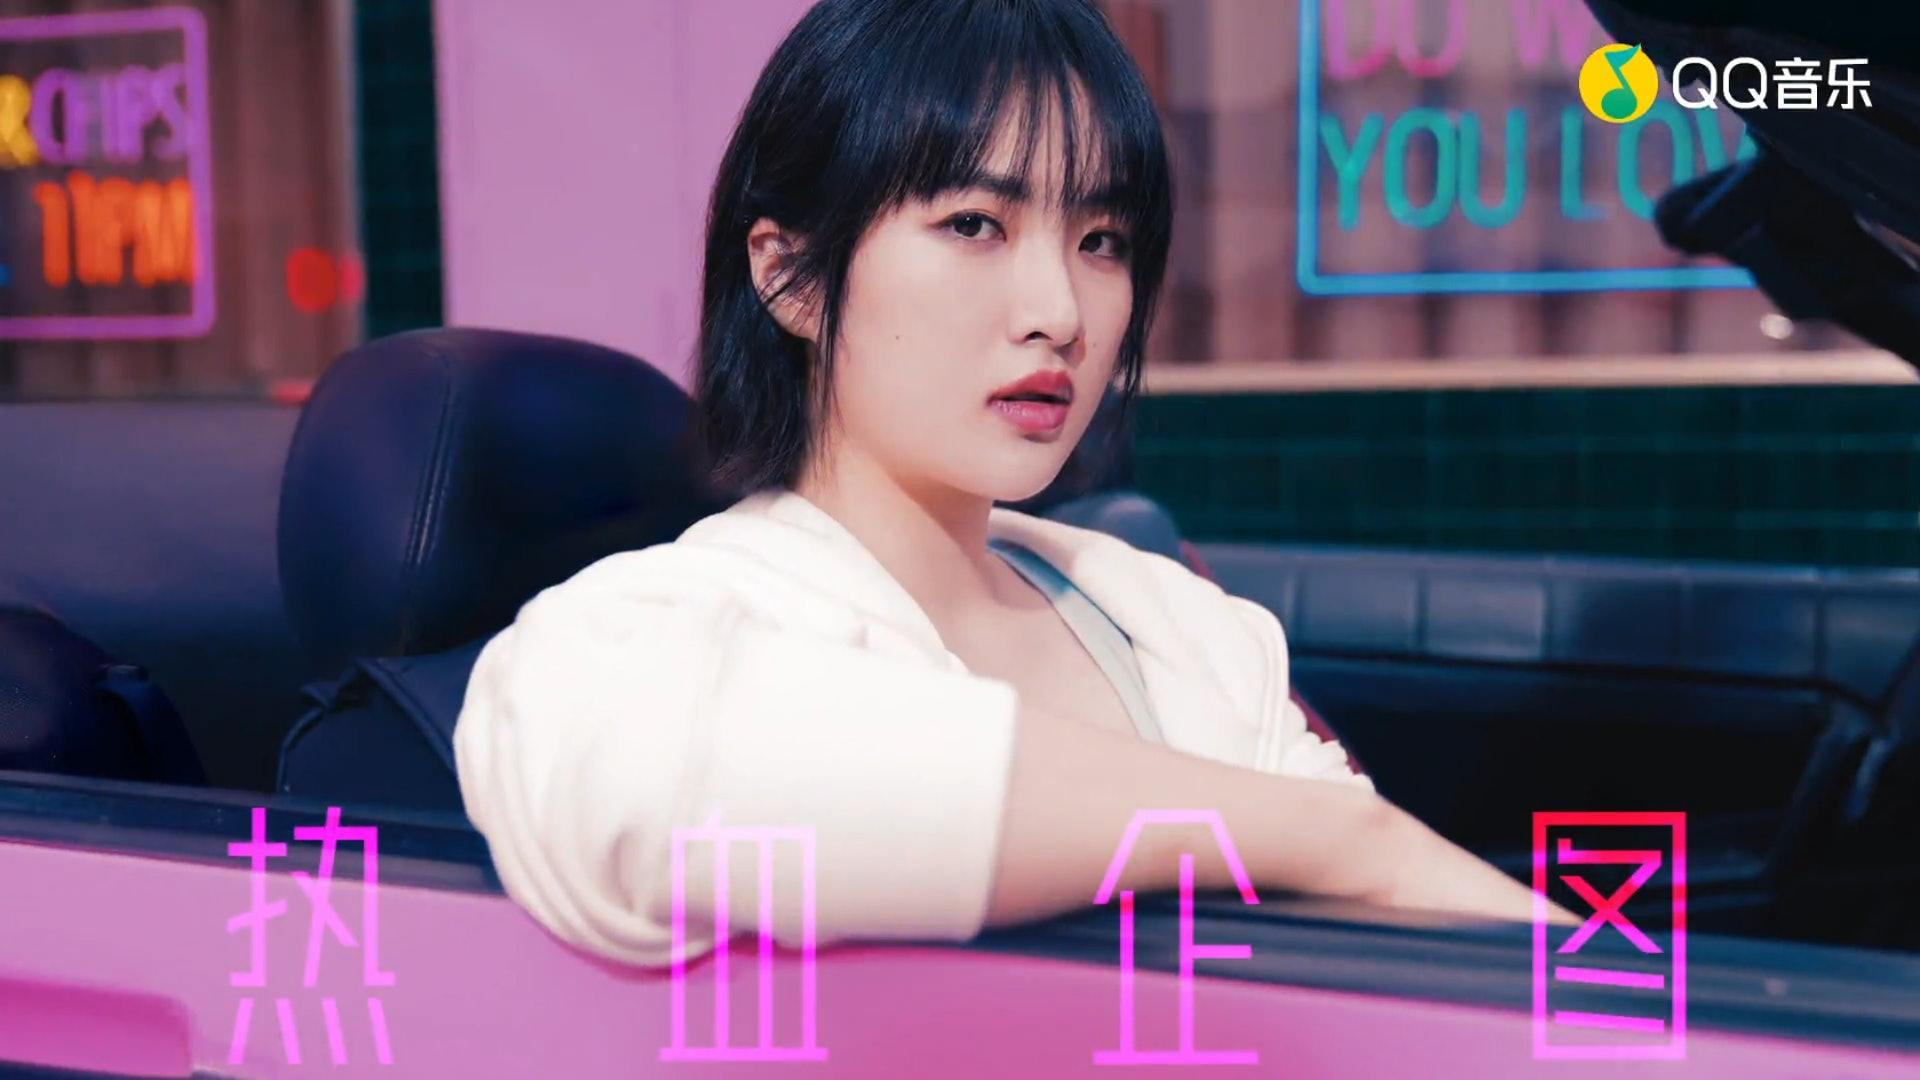 Hình ảnh của công chúa Huawei trong MV mới.